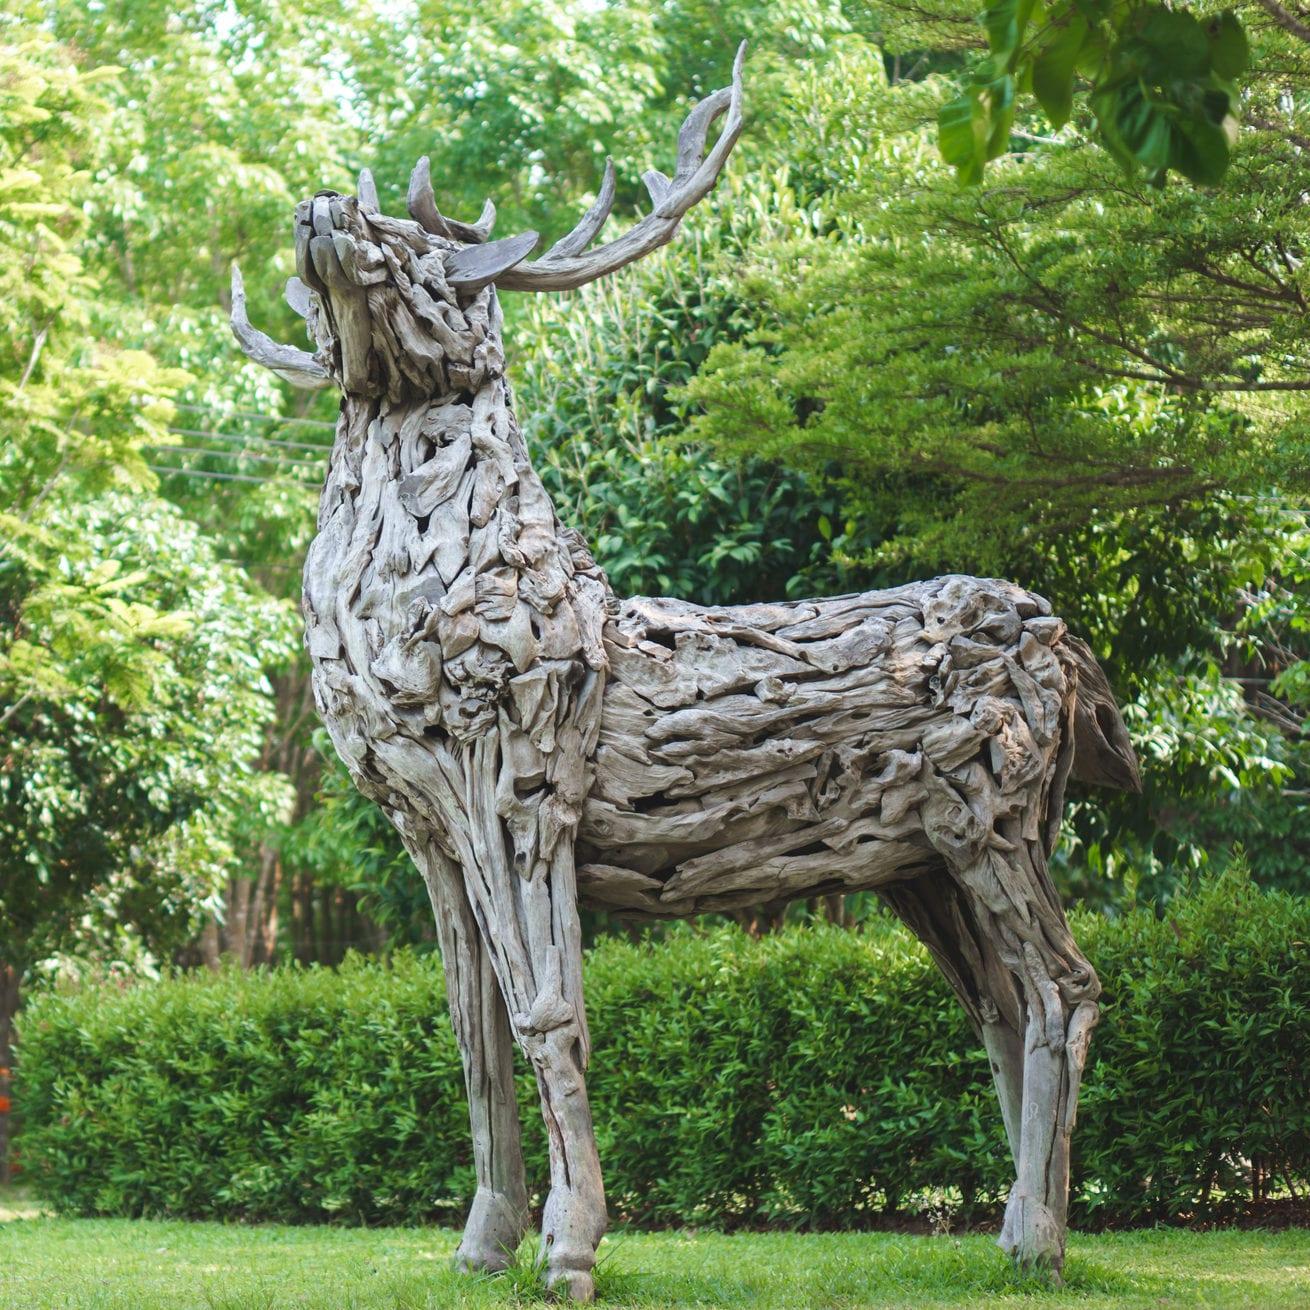 wooden deer statue made of driftwood